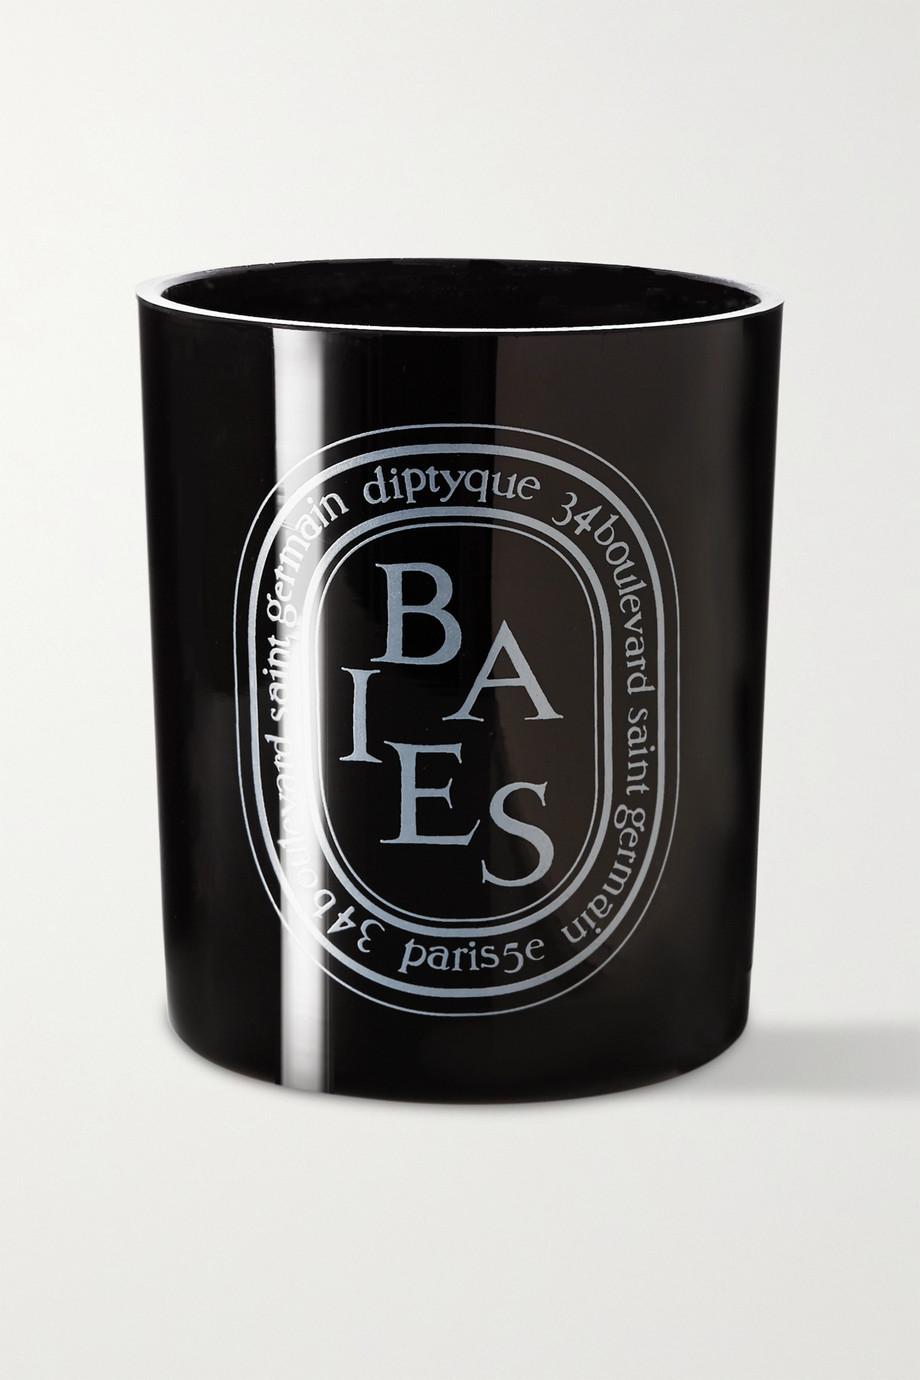 Diptyque Black Baies Duftkerze, 300 g